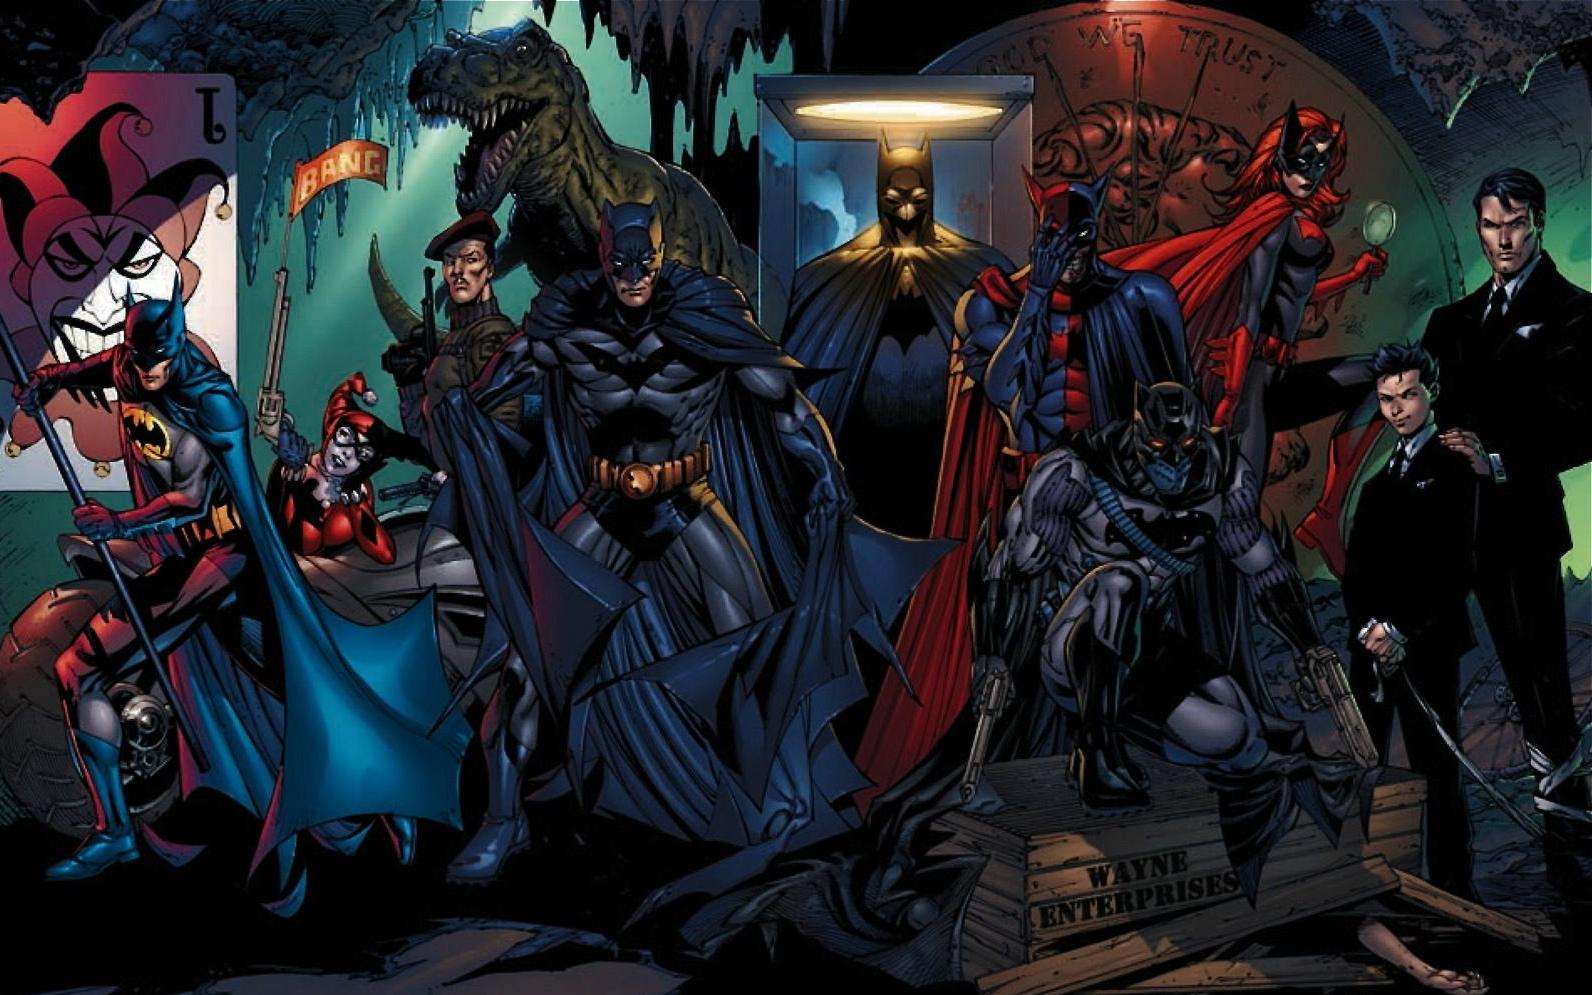 Batcave batman batwoman dc comics wallpaper HQ WALLPAPER 168248